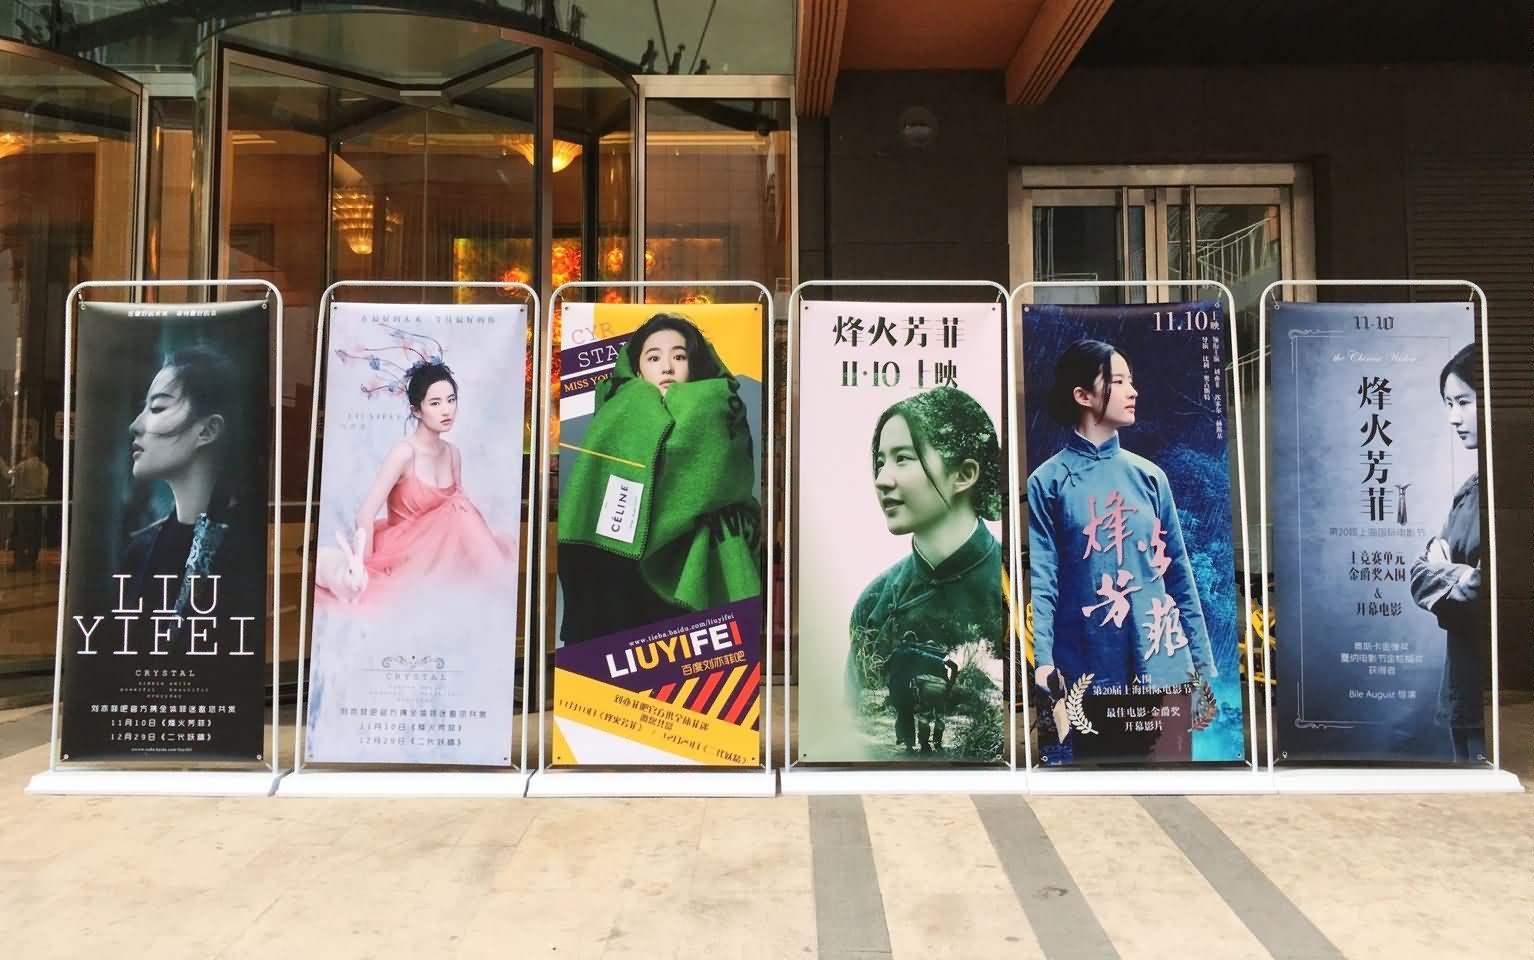 《烽火芳菲》北京首映礼清图电影将于明天全国公映